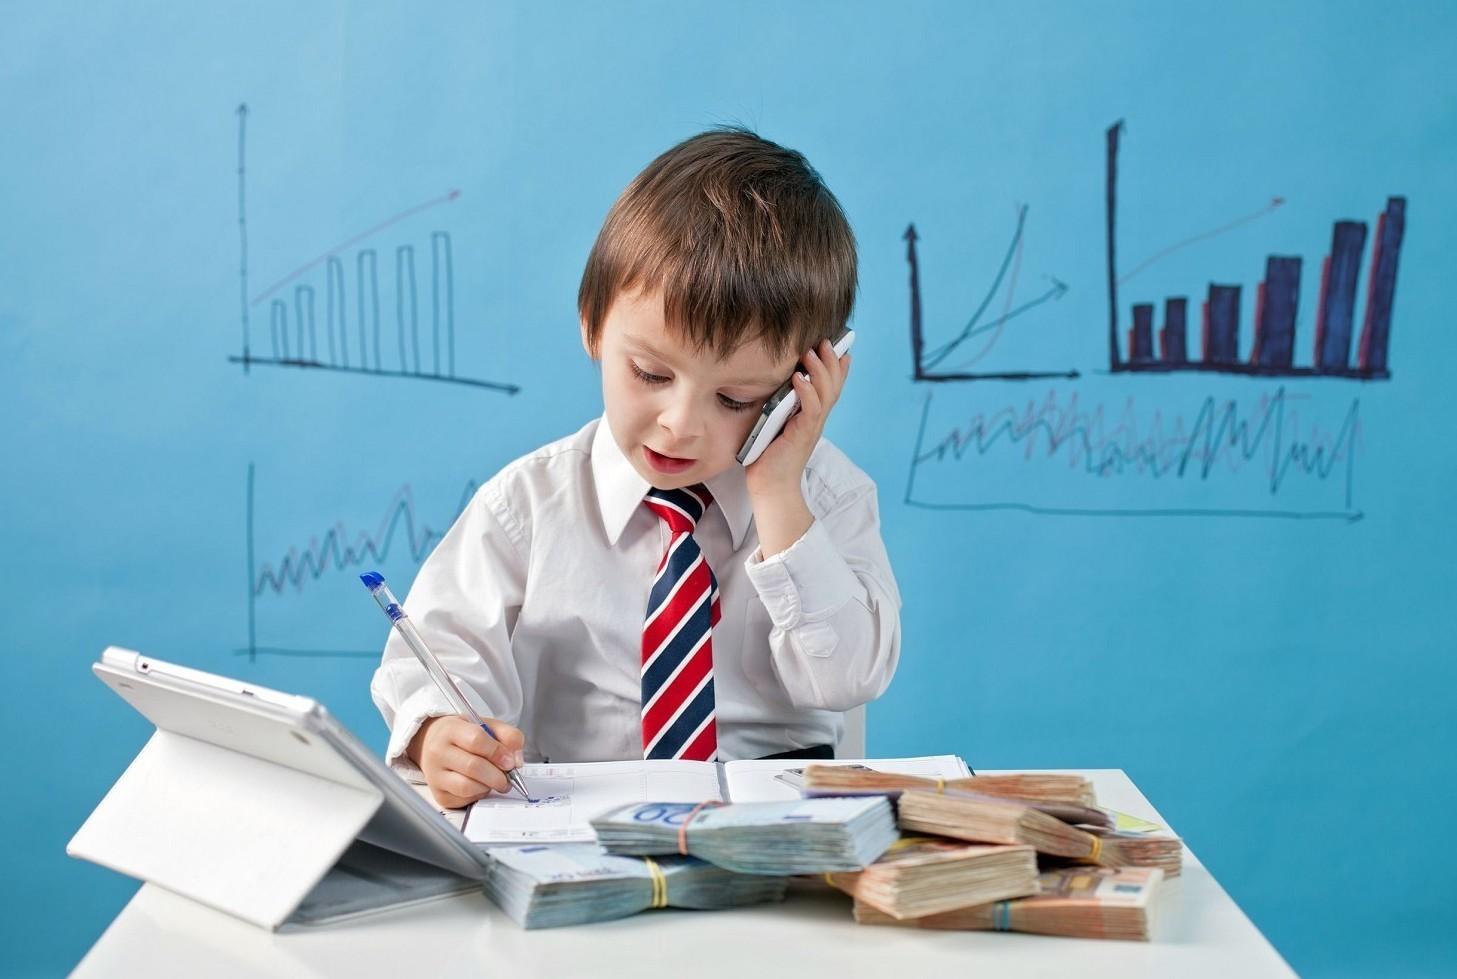 Assegni di mantenimento figli non pagati, cosa si può fare per avere pagamento